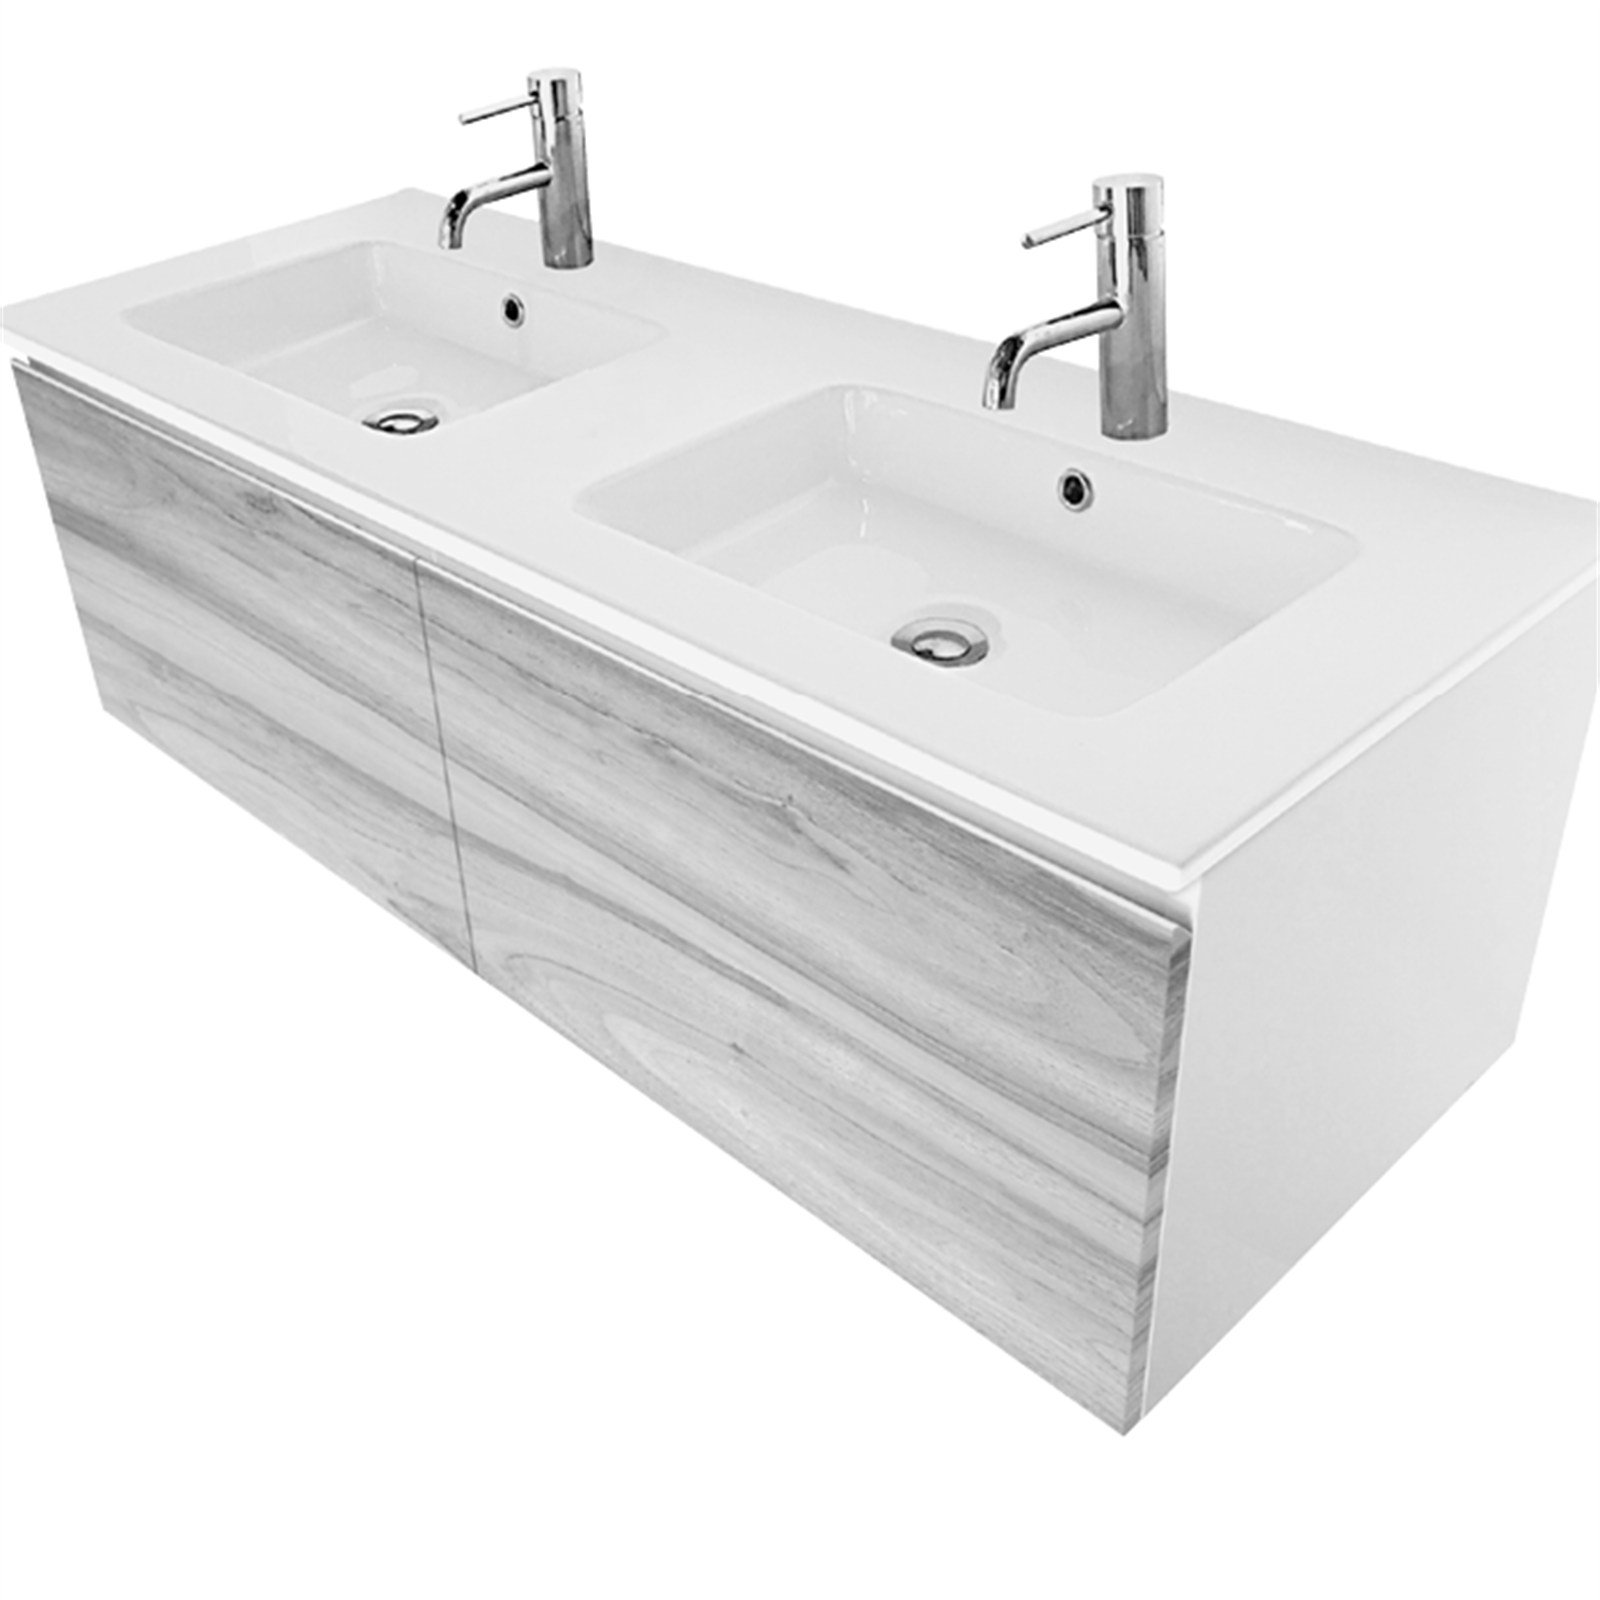 Cibo Design 1200mm Cafe Oak Revive Double Basin Vanity | Basin ...